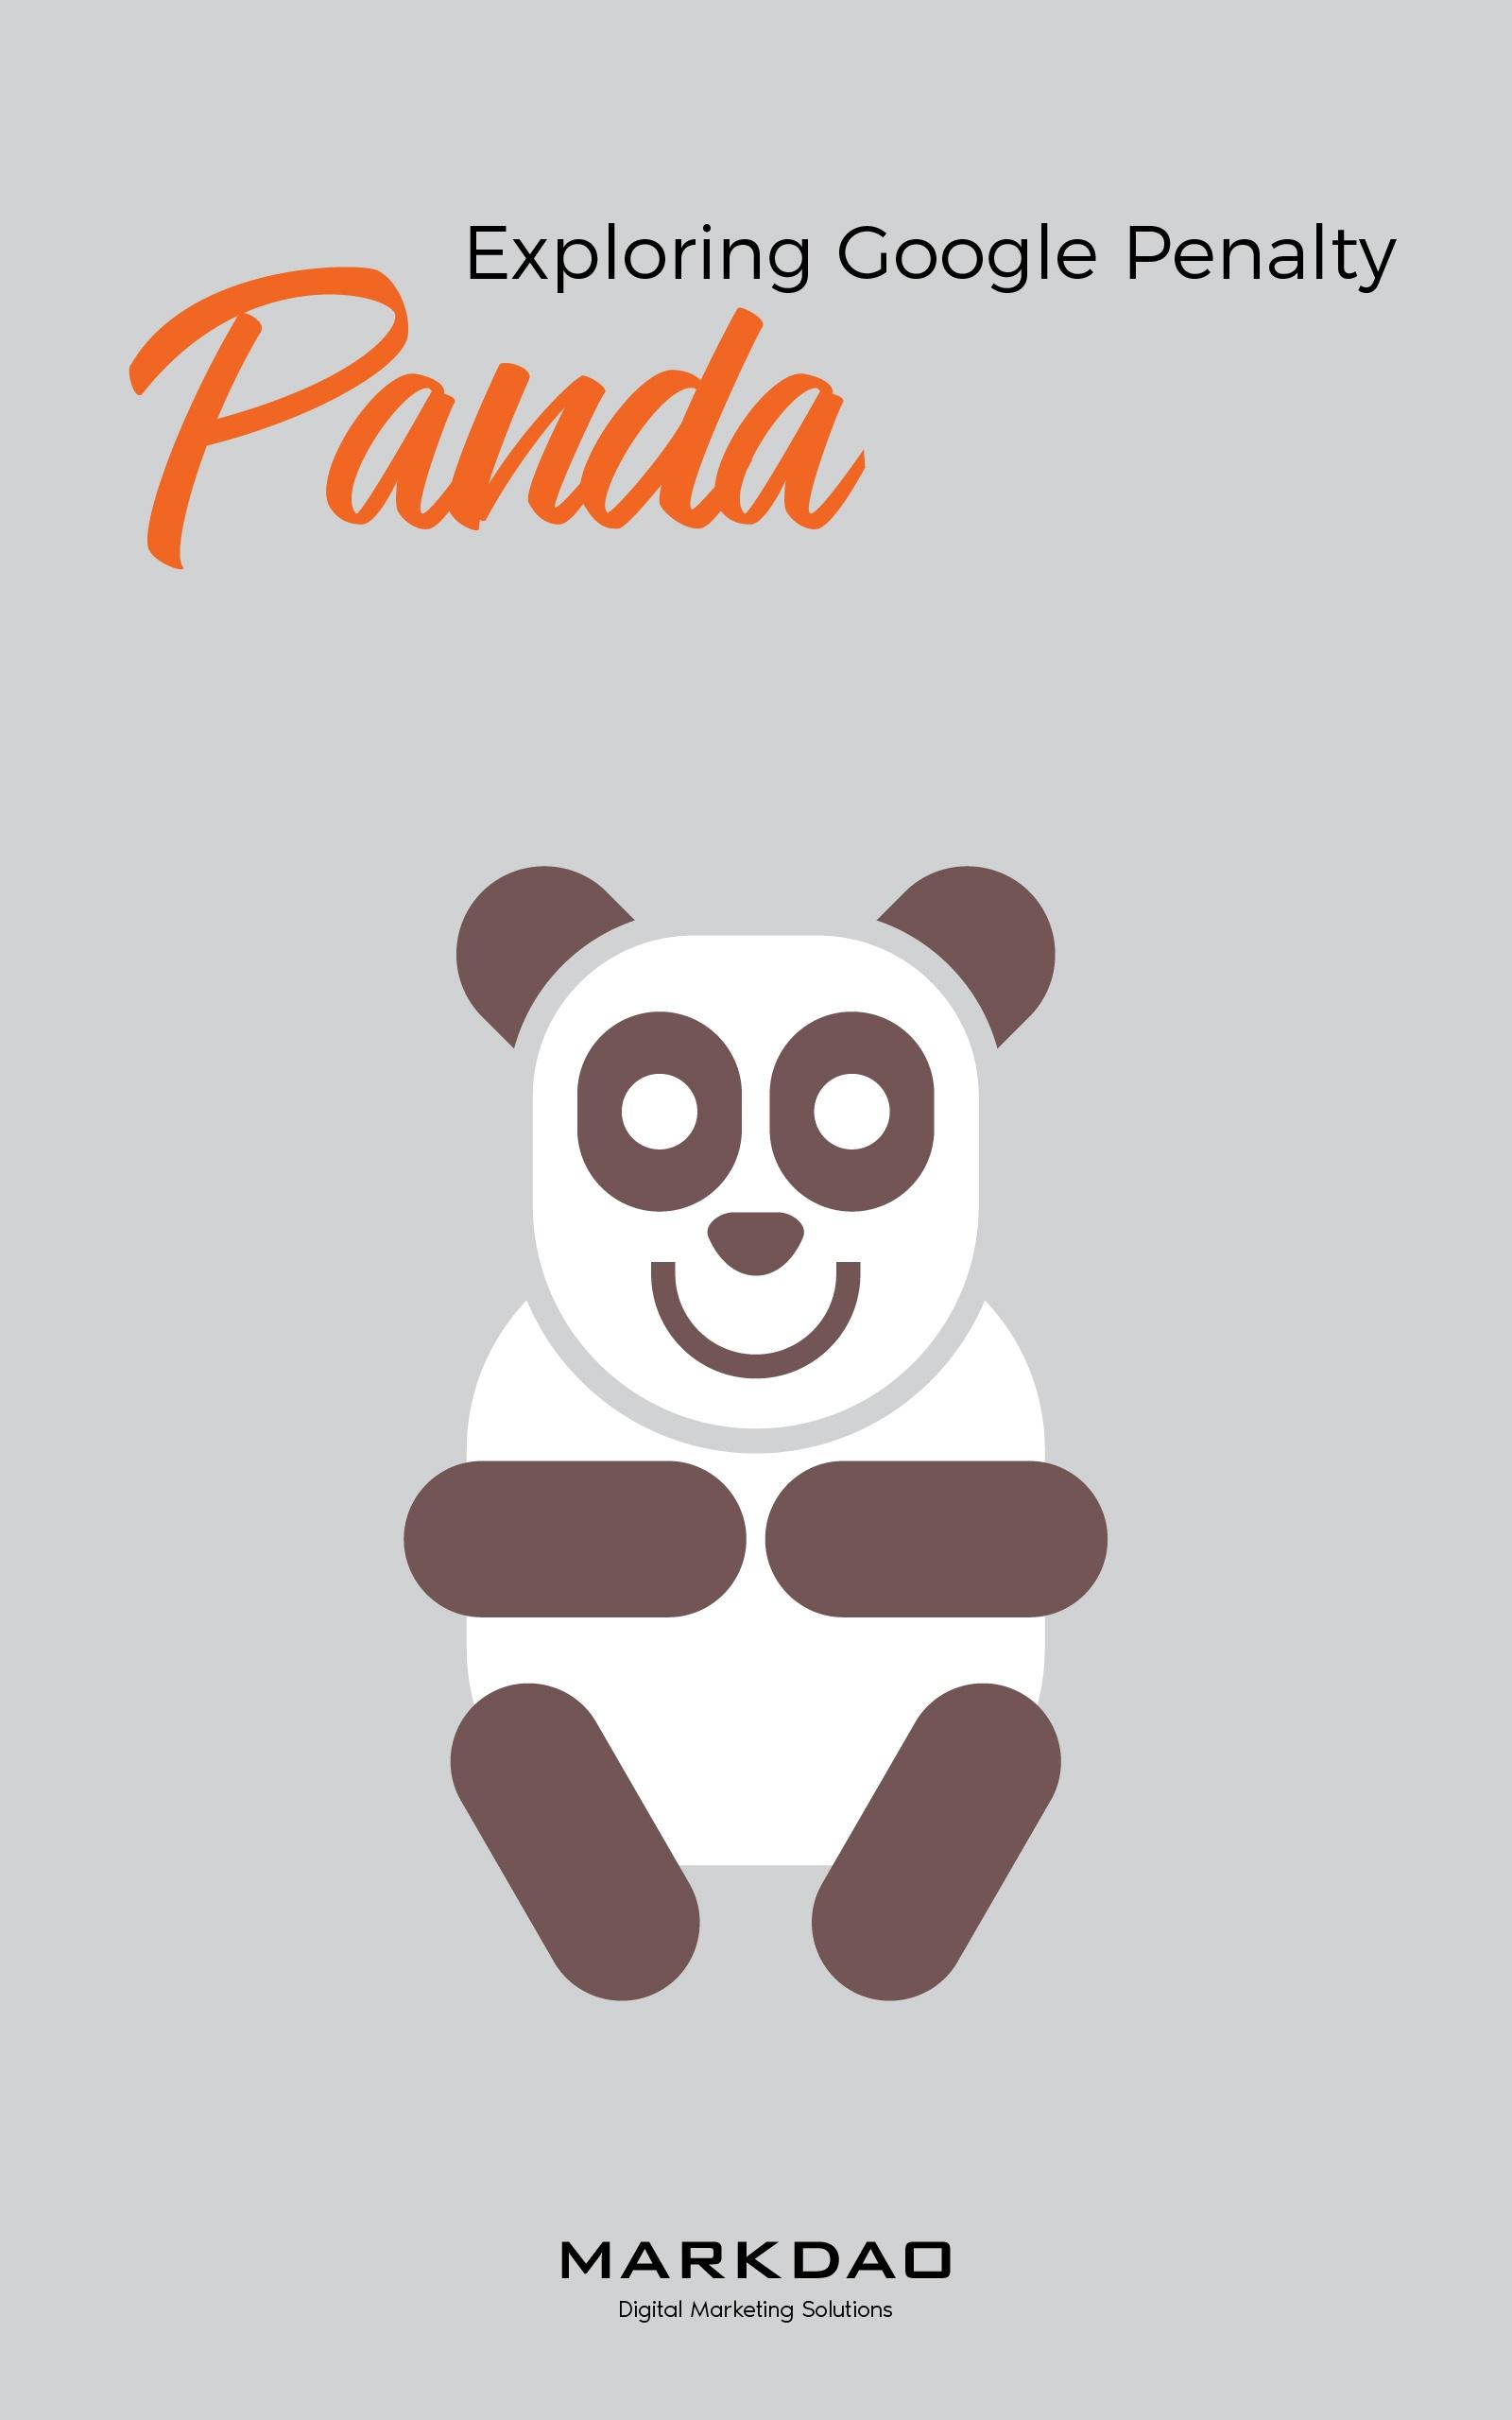 Le marketing digital : Google Panda